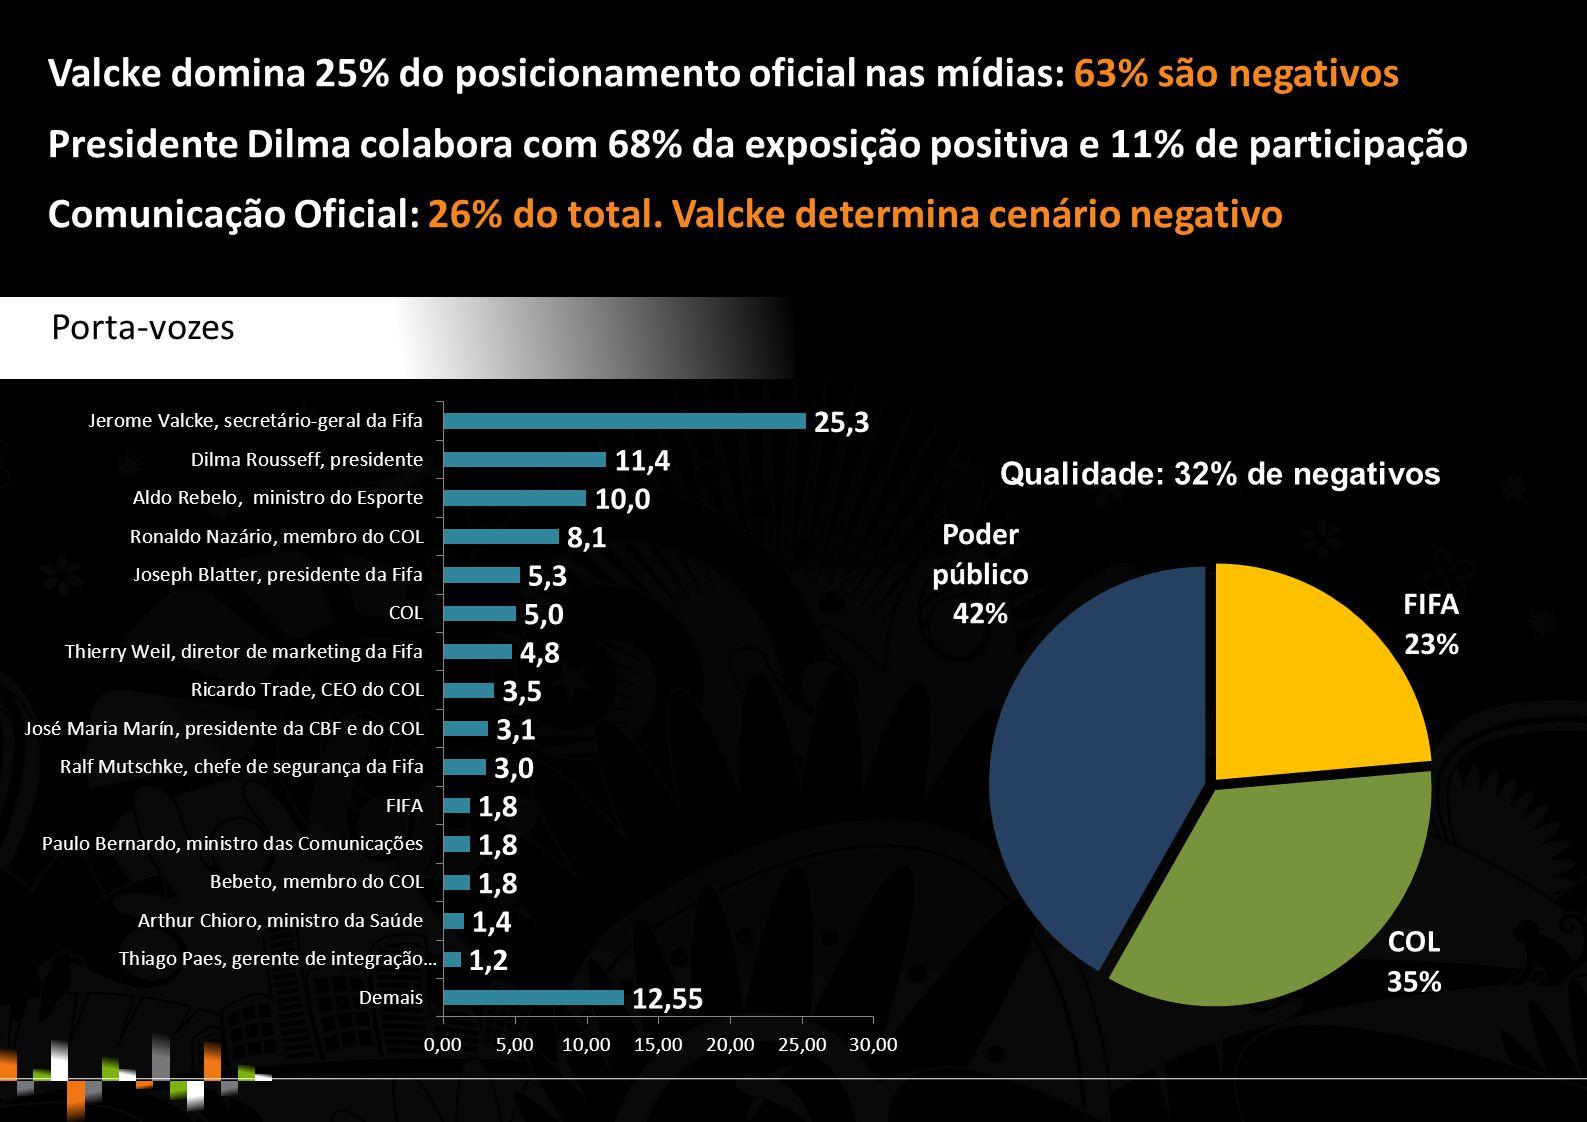 Valcke domina 25% do posicionamento oficial nas mídias: 63% são negativos Presidente Dilma colabora com 68% da exposição positiva e 11% de participação Comunicação Oficial: 26% do total.